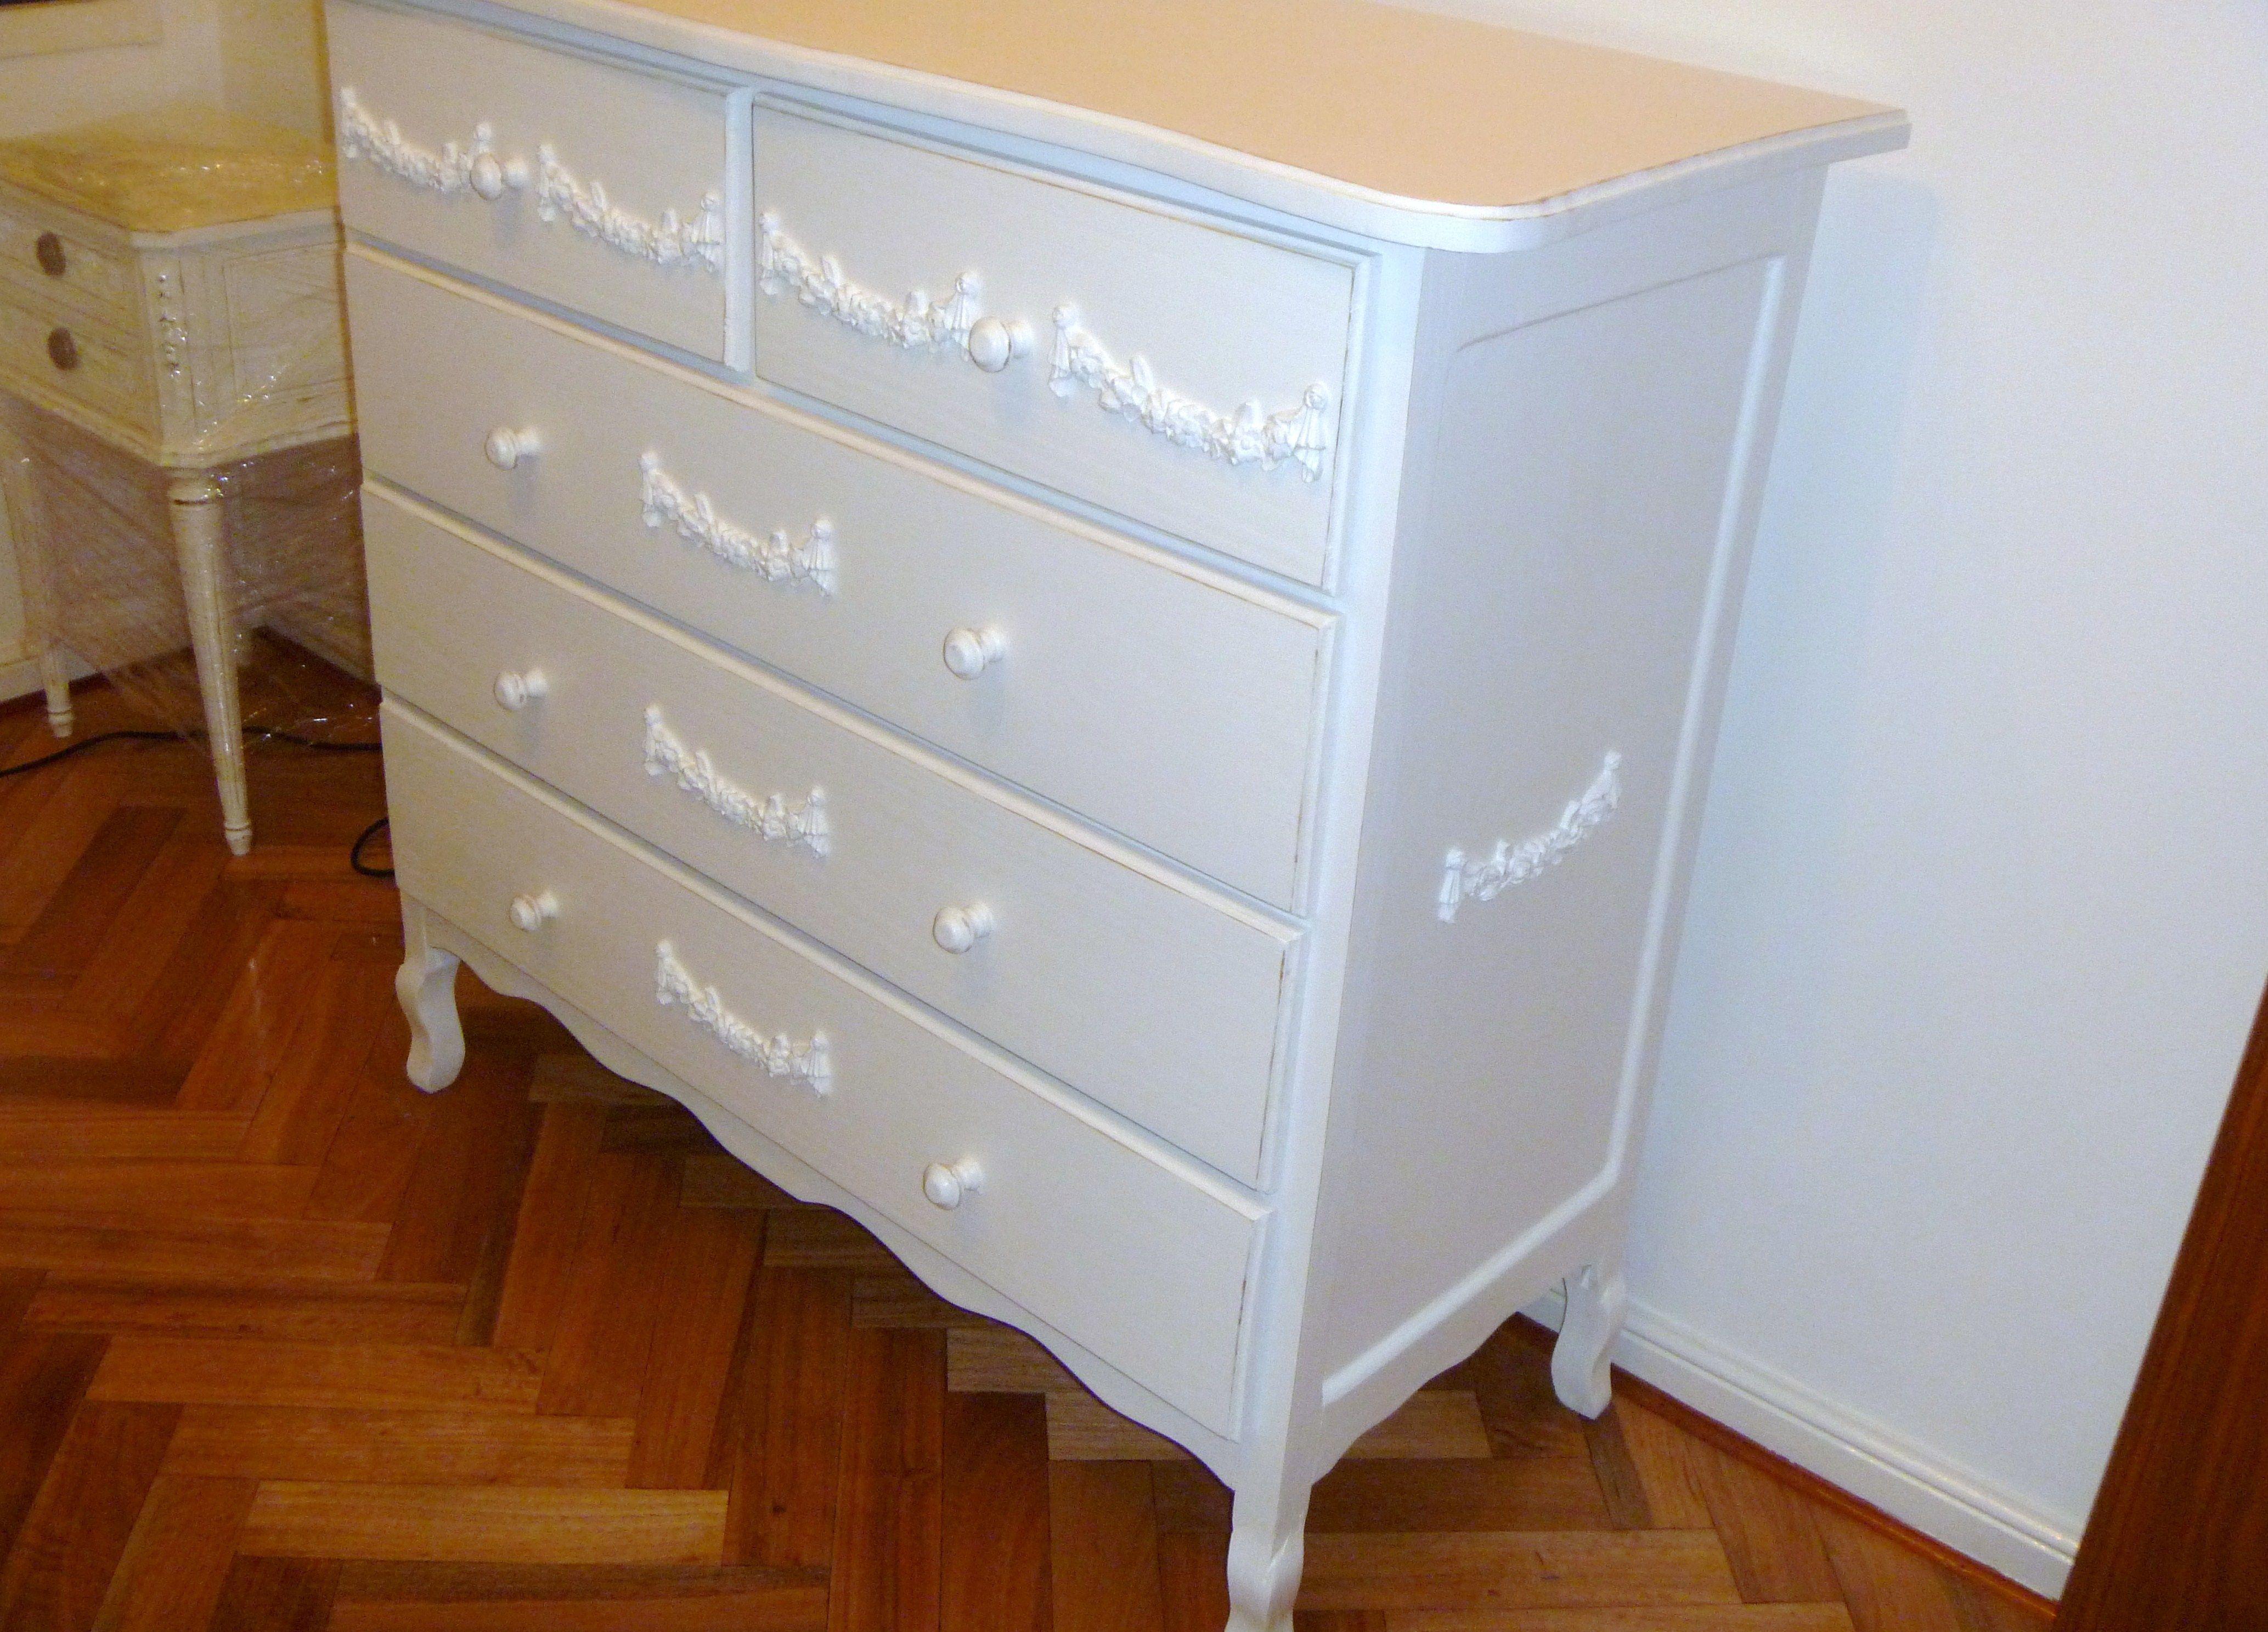 C moda provenzal 5 cajones con molduras muebles shabby chic muebles muebles shabby chic y ba os - Shabby chic muebles ...